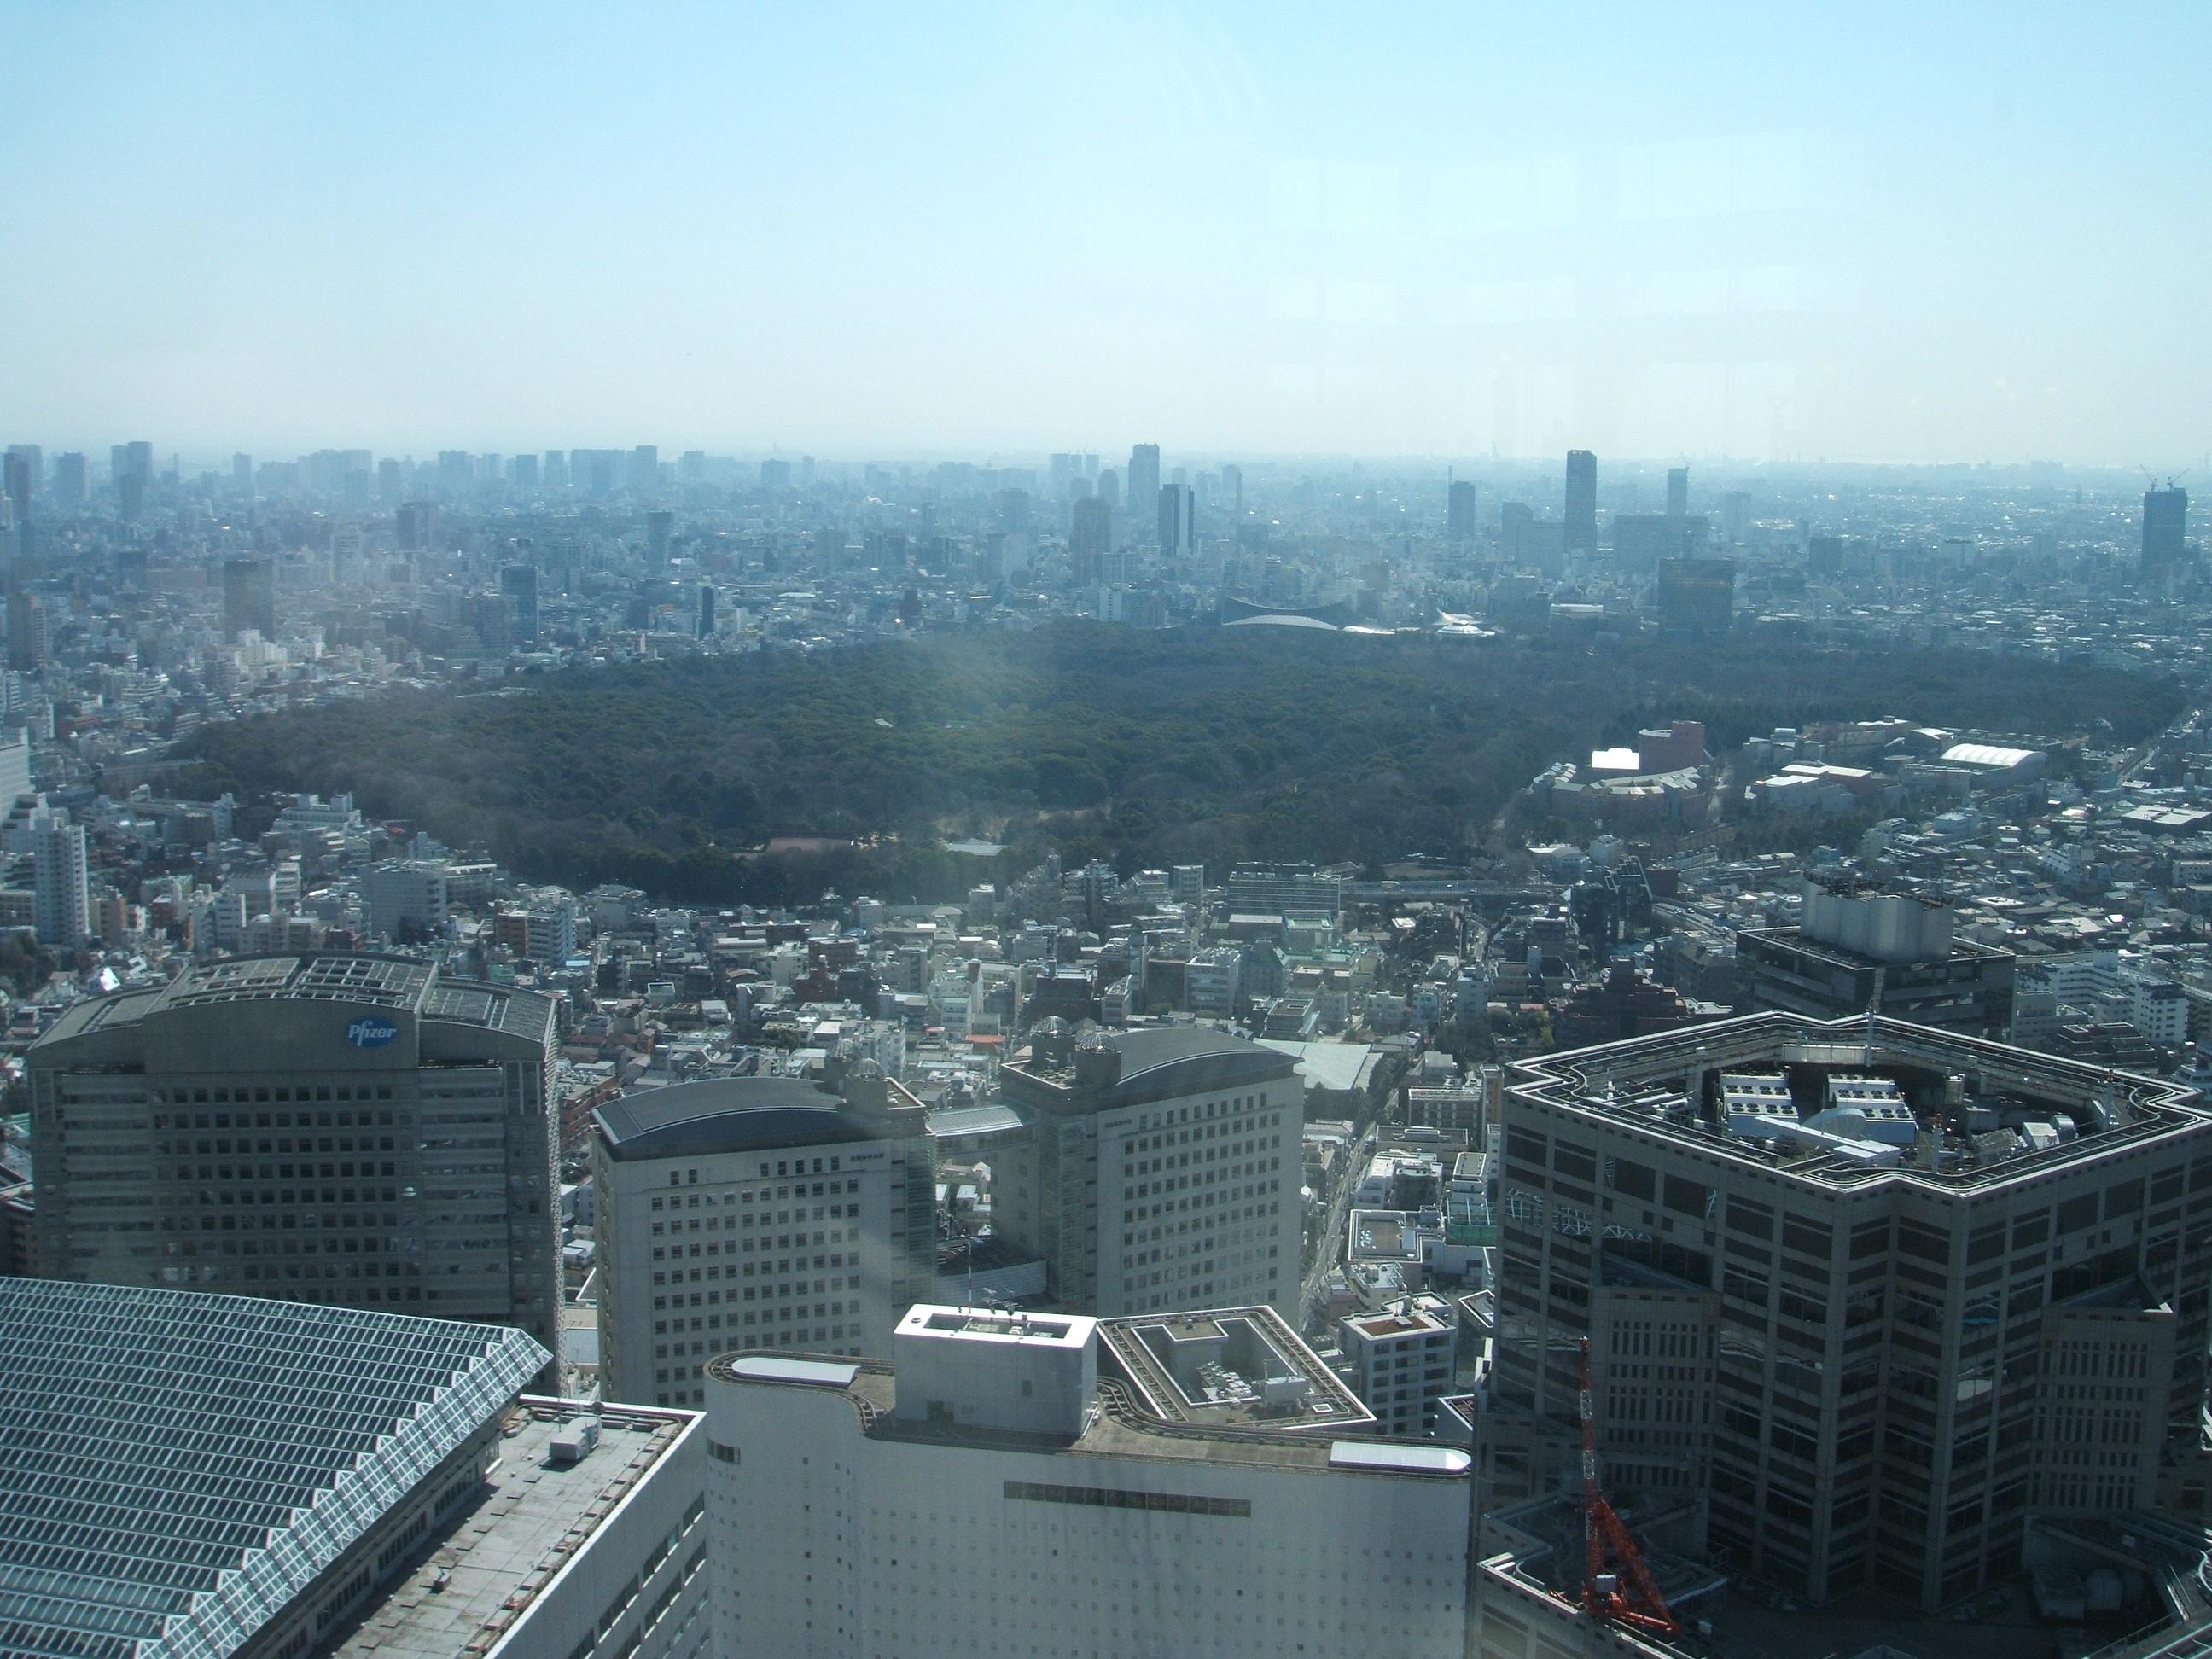 「明治神宮」 (Meiji Shrine) grounds are visible